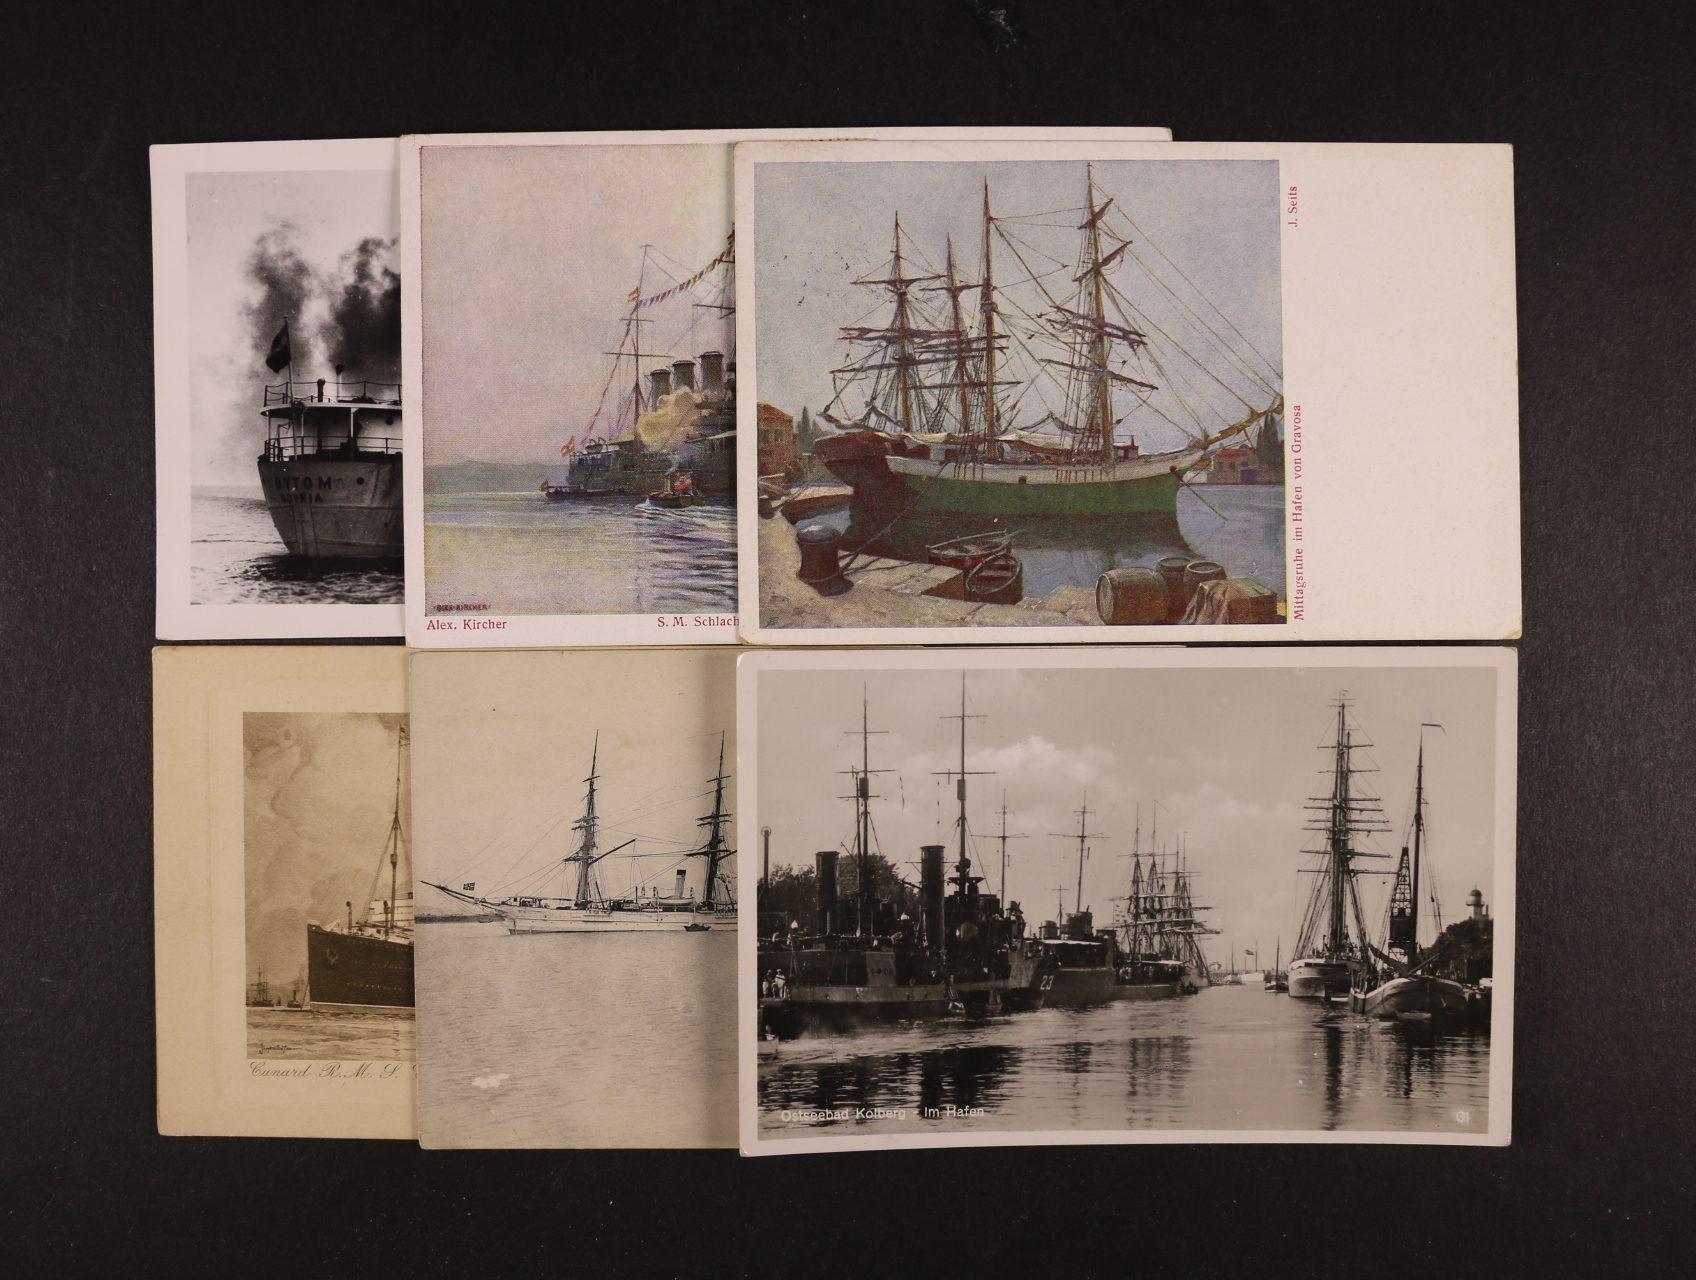 Lodě - sestava 40 ks jednobar. i bar. pohlednic, převážně lodí z období R-U, použité i nepoužité